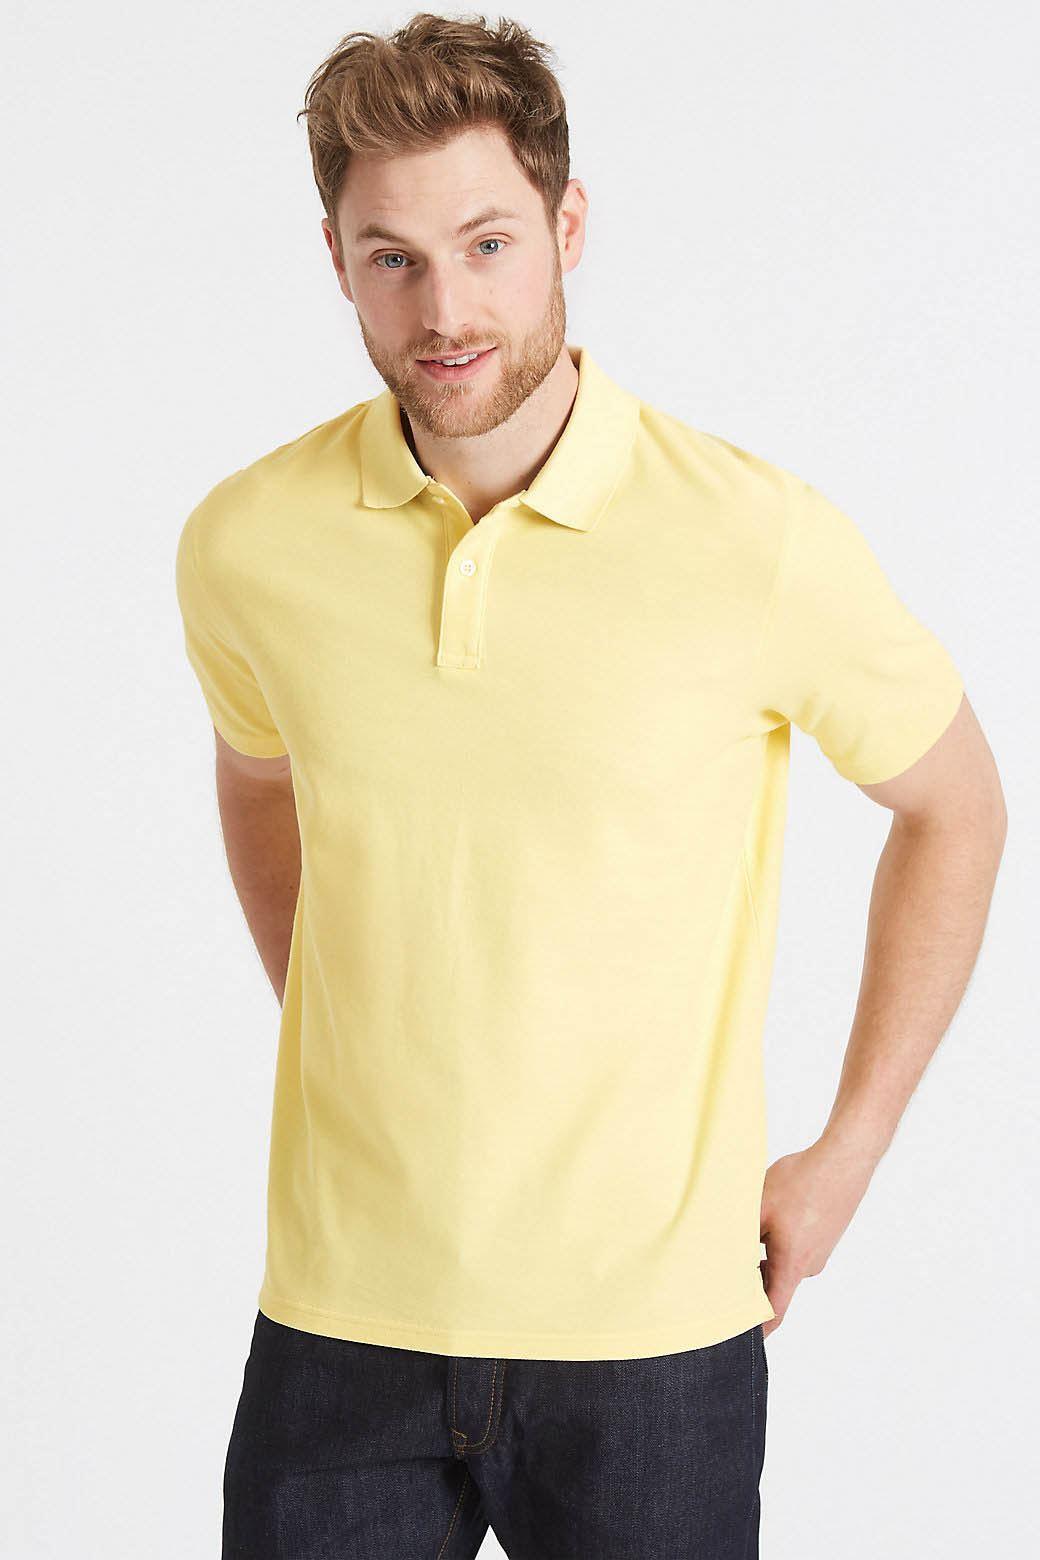 Marks-amp-Spencer-Camisa-Polo-Para-Hombre-Algodon-Clasico-M-amp-S-todos-los-colores-y-tamanos-de miniatura 27